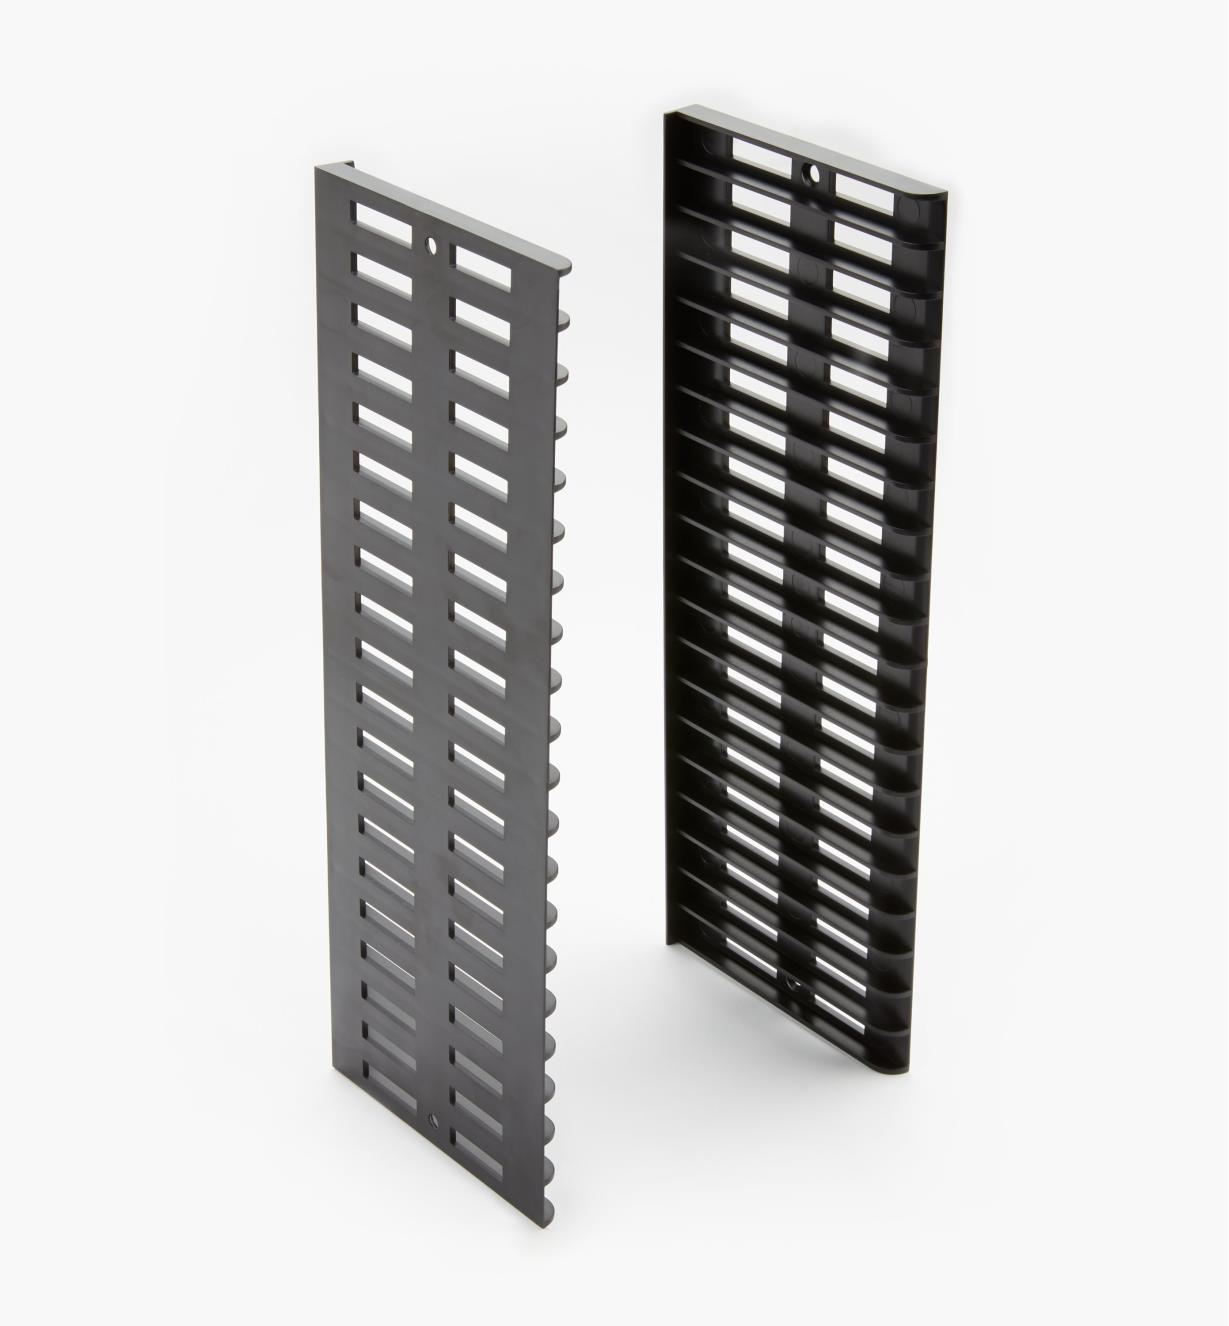 00S5020 - 20-CD Rails, pair